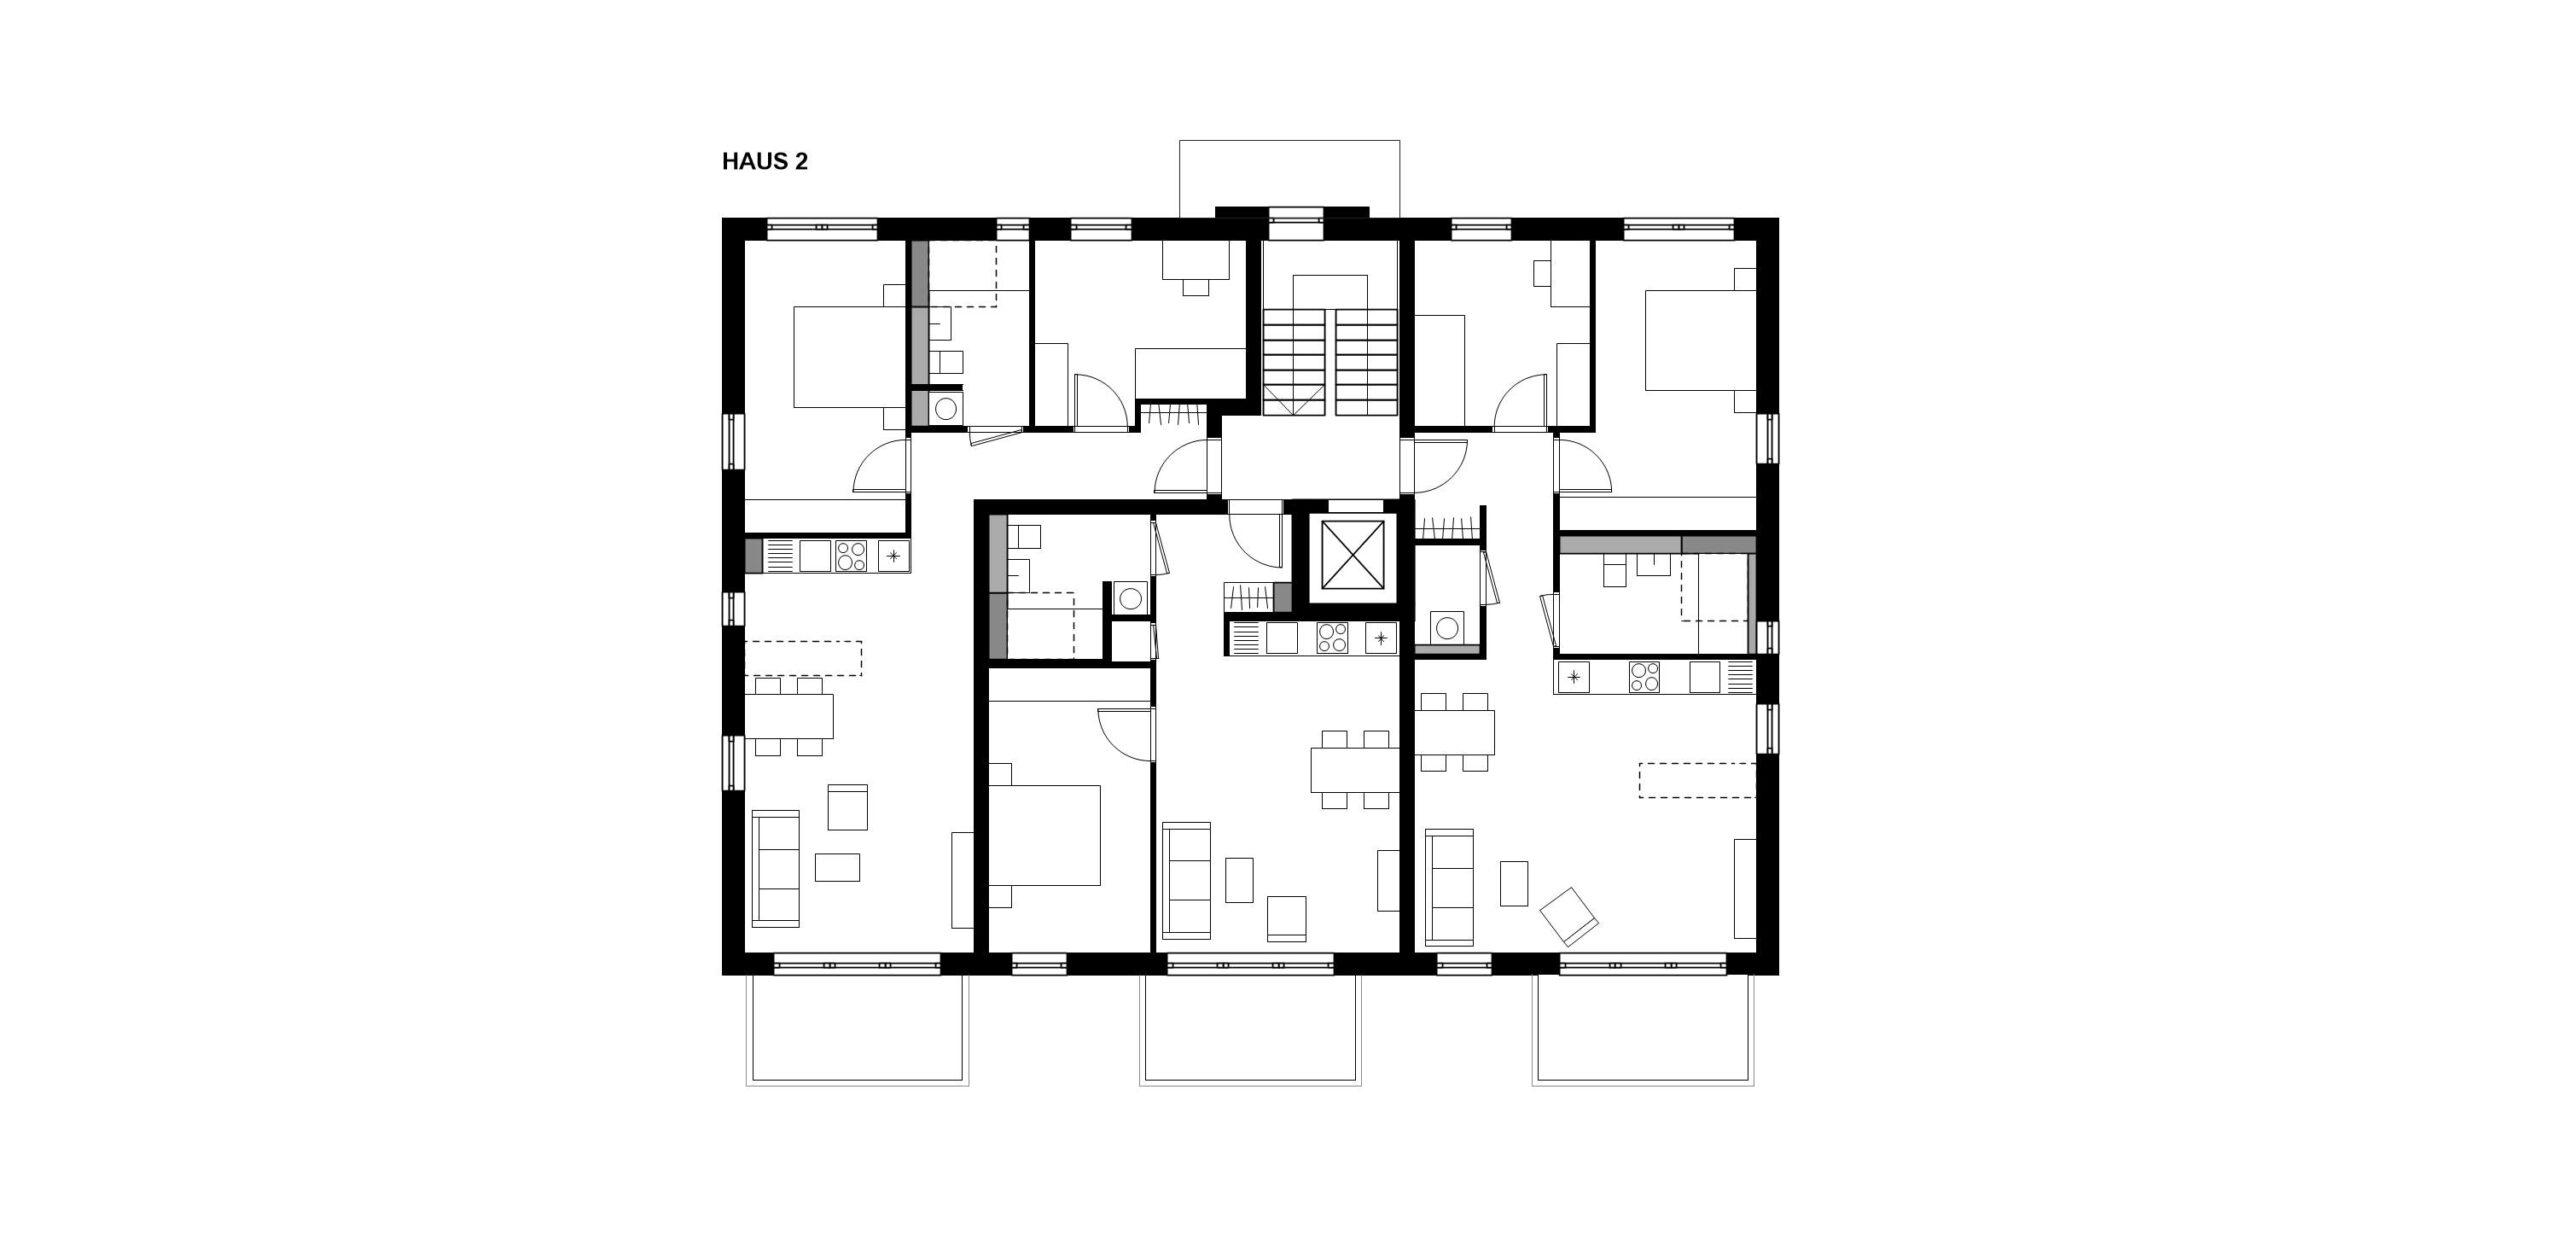 Grundriss Regelgeschoss Haus 2 359 Projekt Gabelsberger Straße Offenbach FFM-ARCHITEKTEN